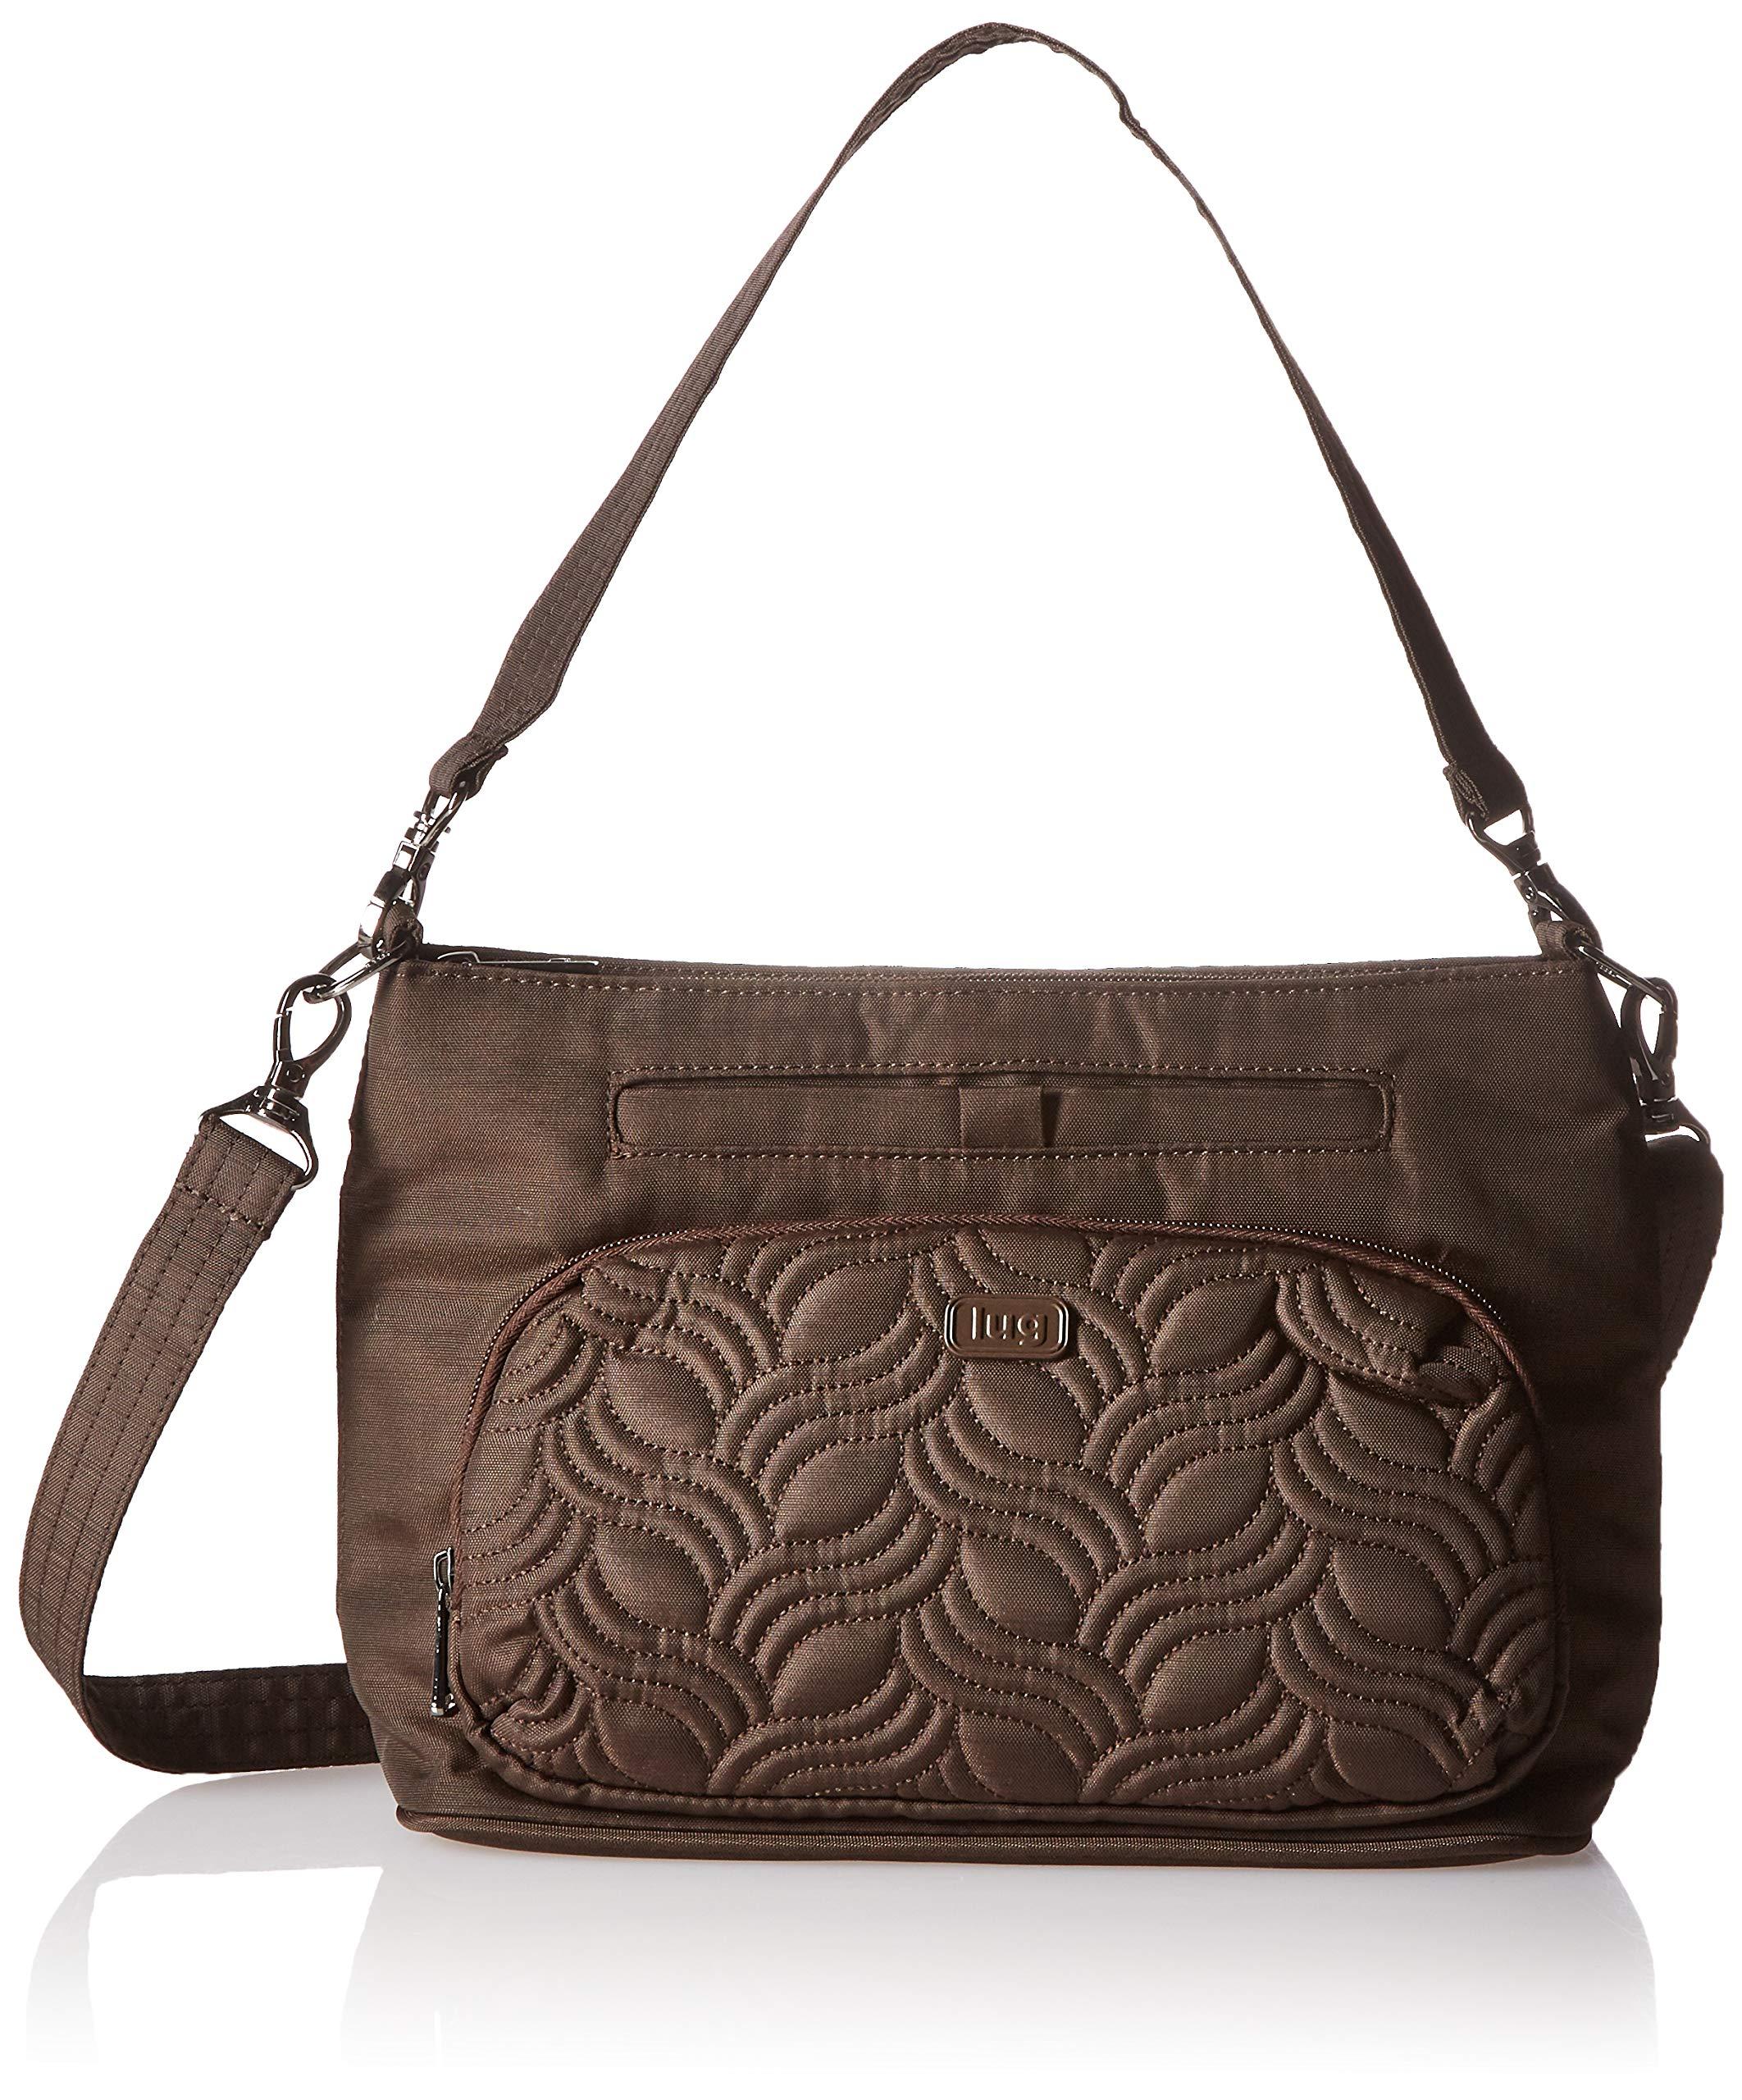 Lug Samba Crossbody Bag, Brushed Chocolate, Brown